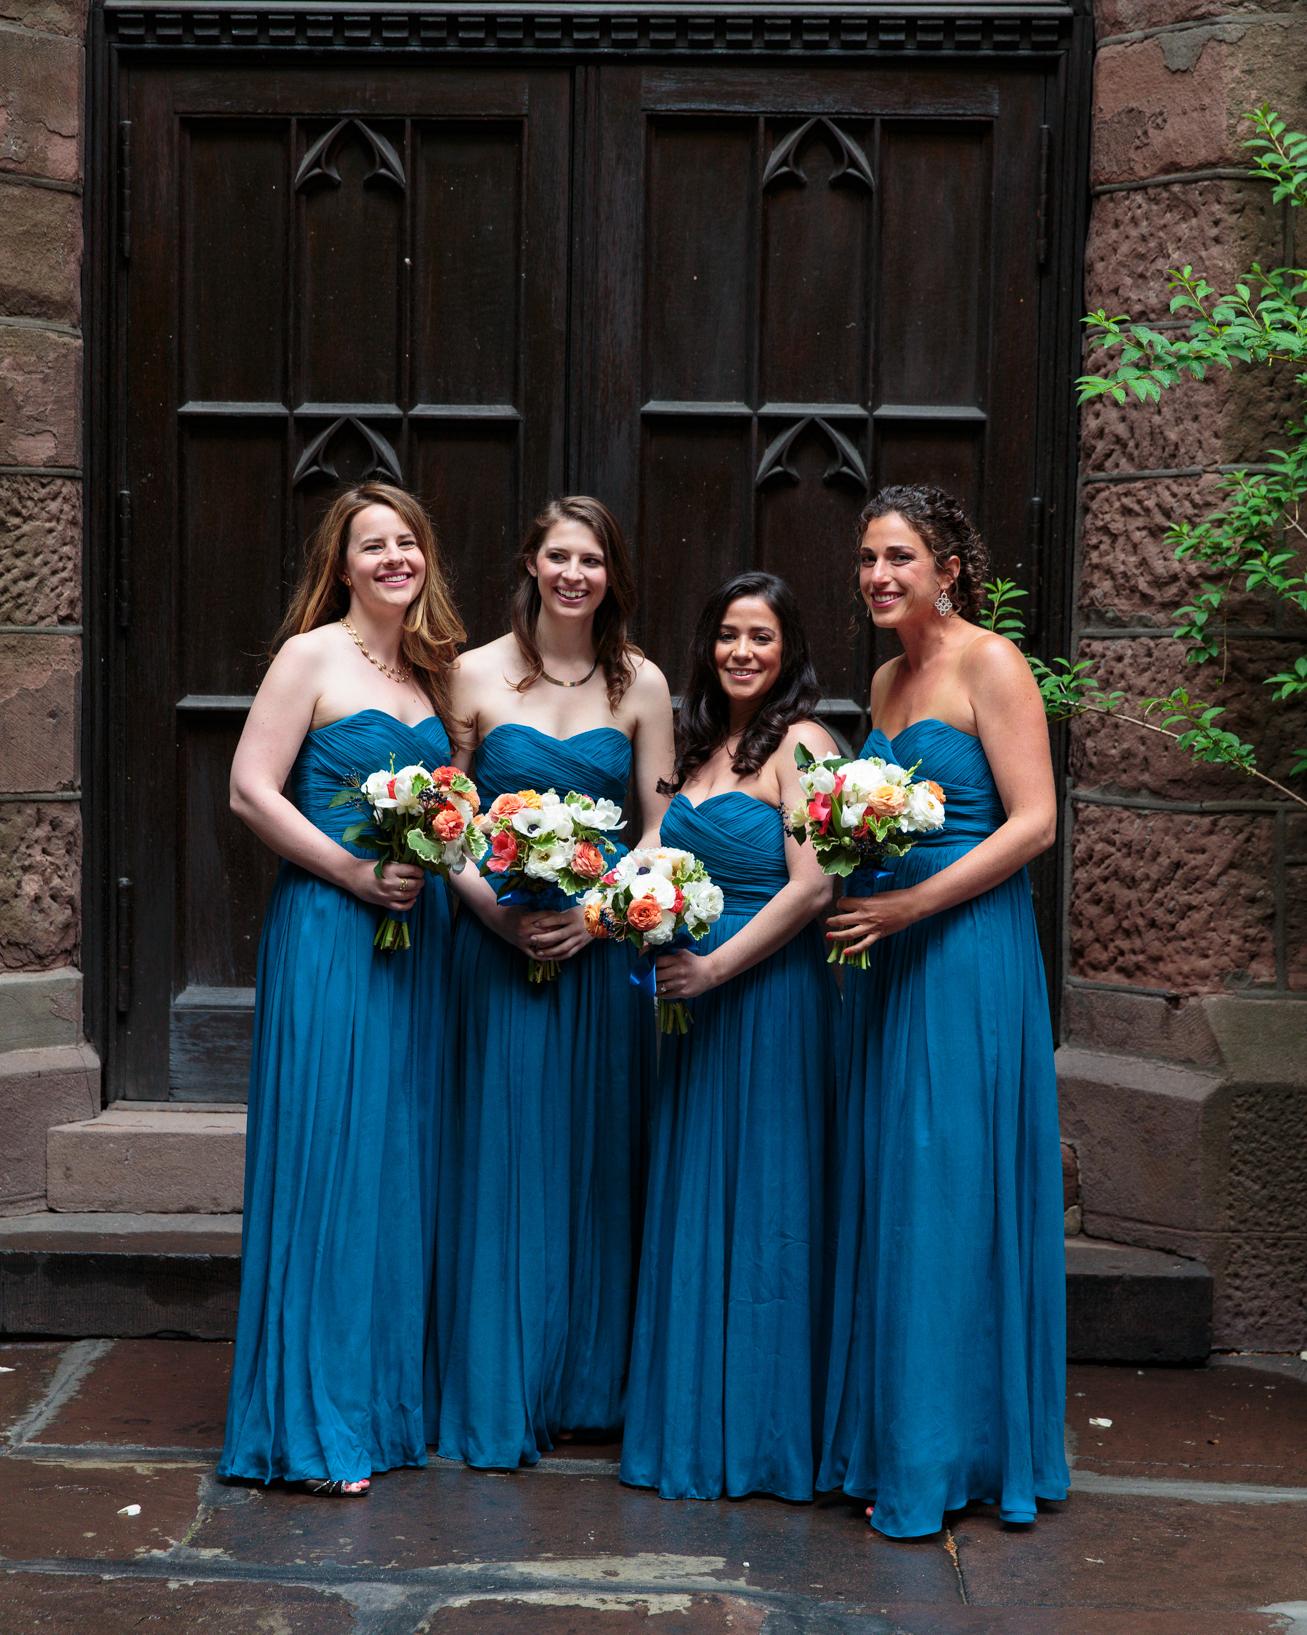 blake-chris-wedding-wd110141-bridesmaids-4876-0514.jpg